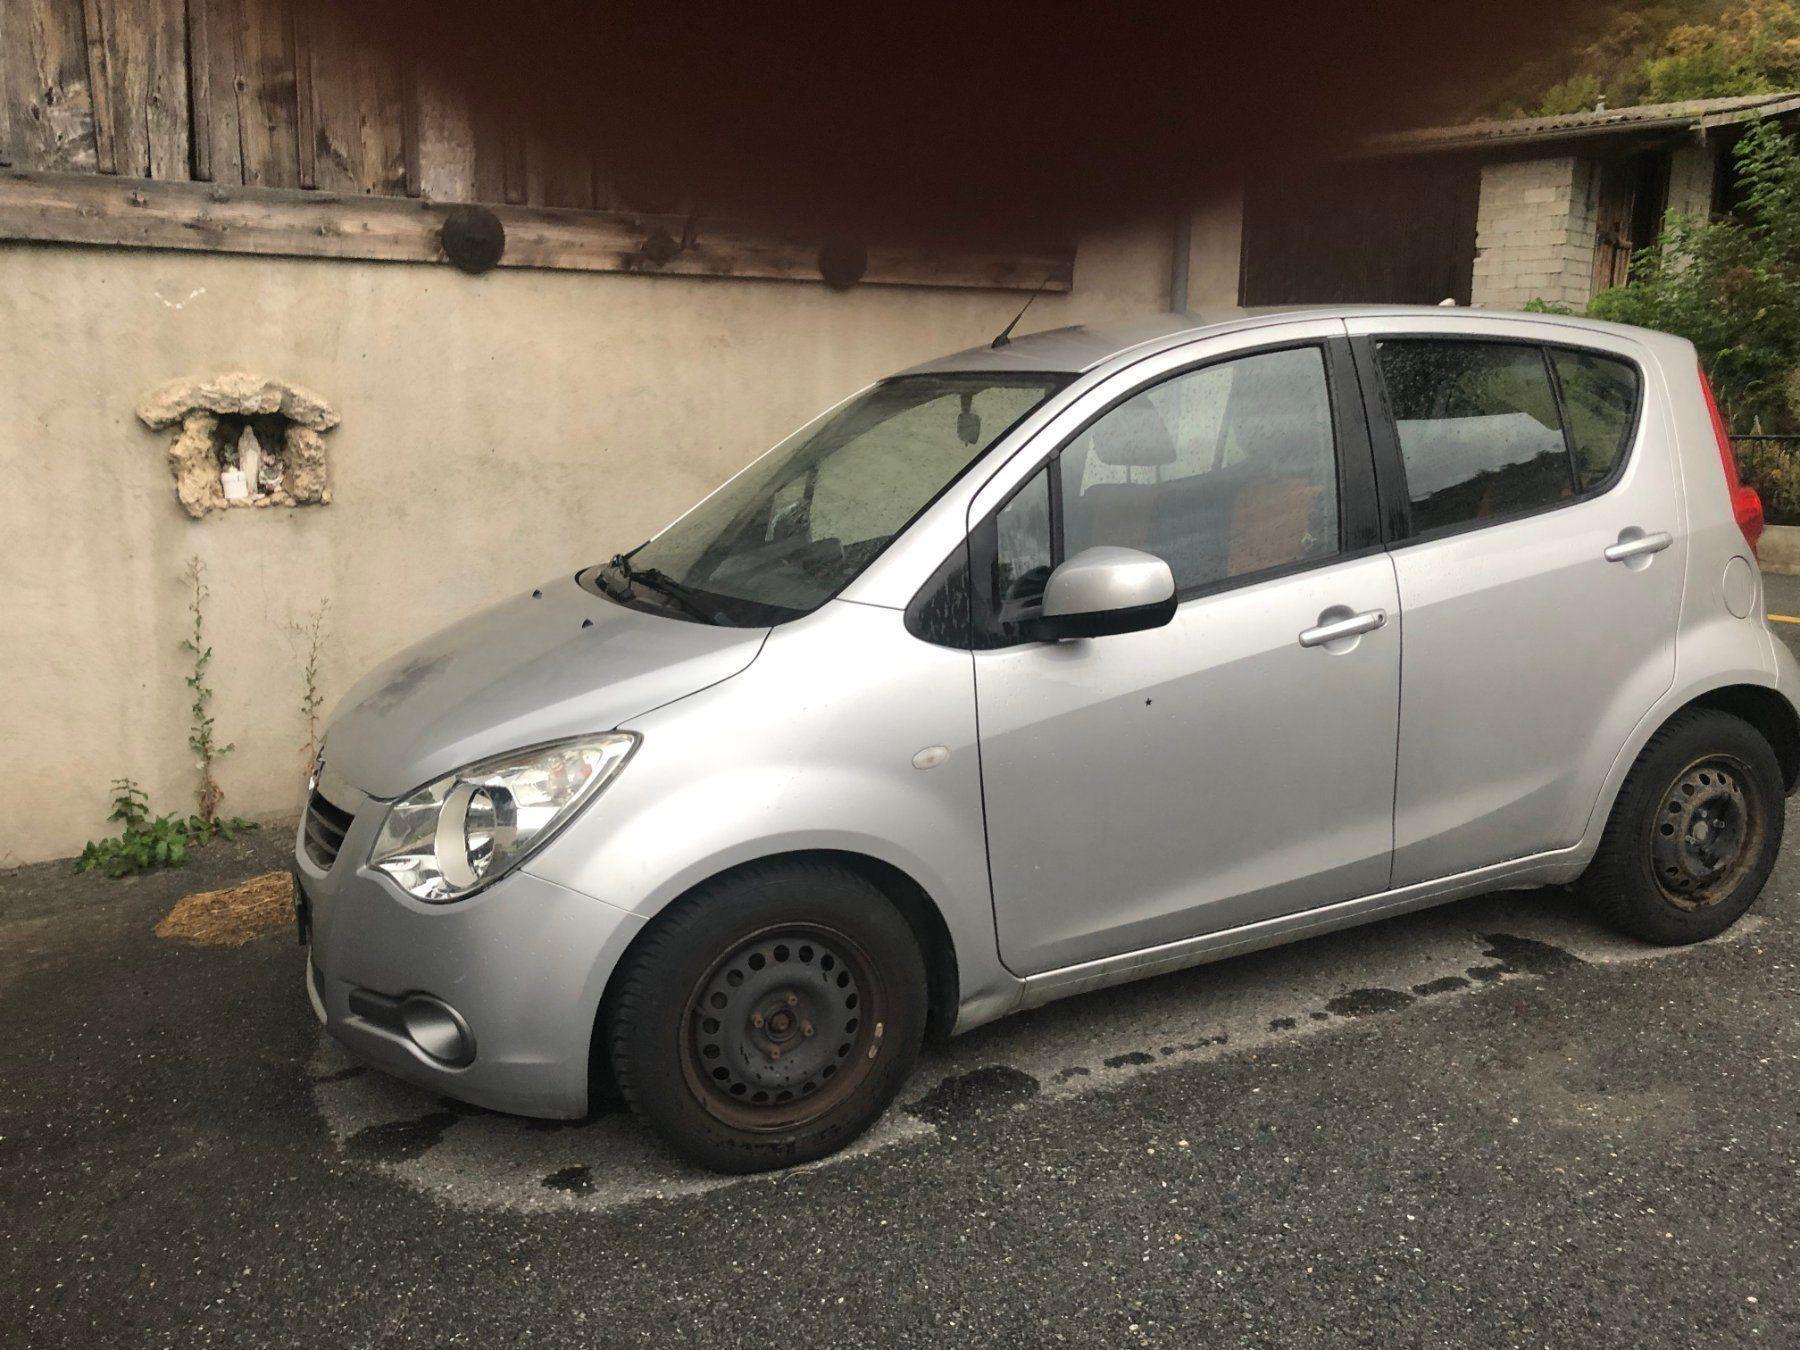 Opel Agila 1.2 Enjoy Kategorie F 45km/h